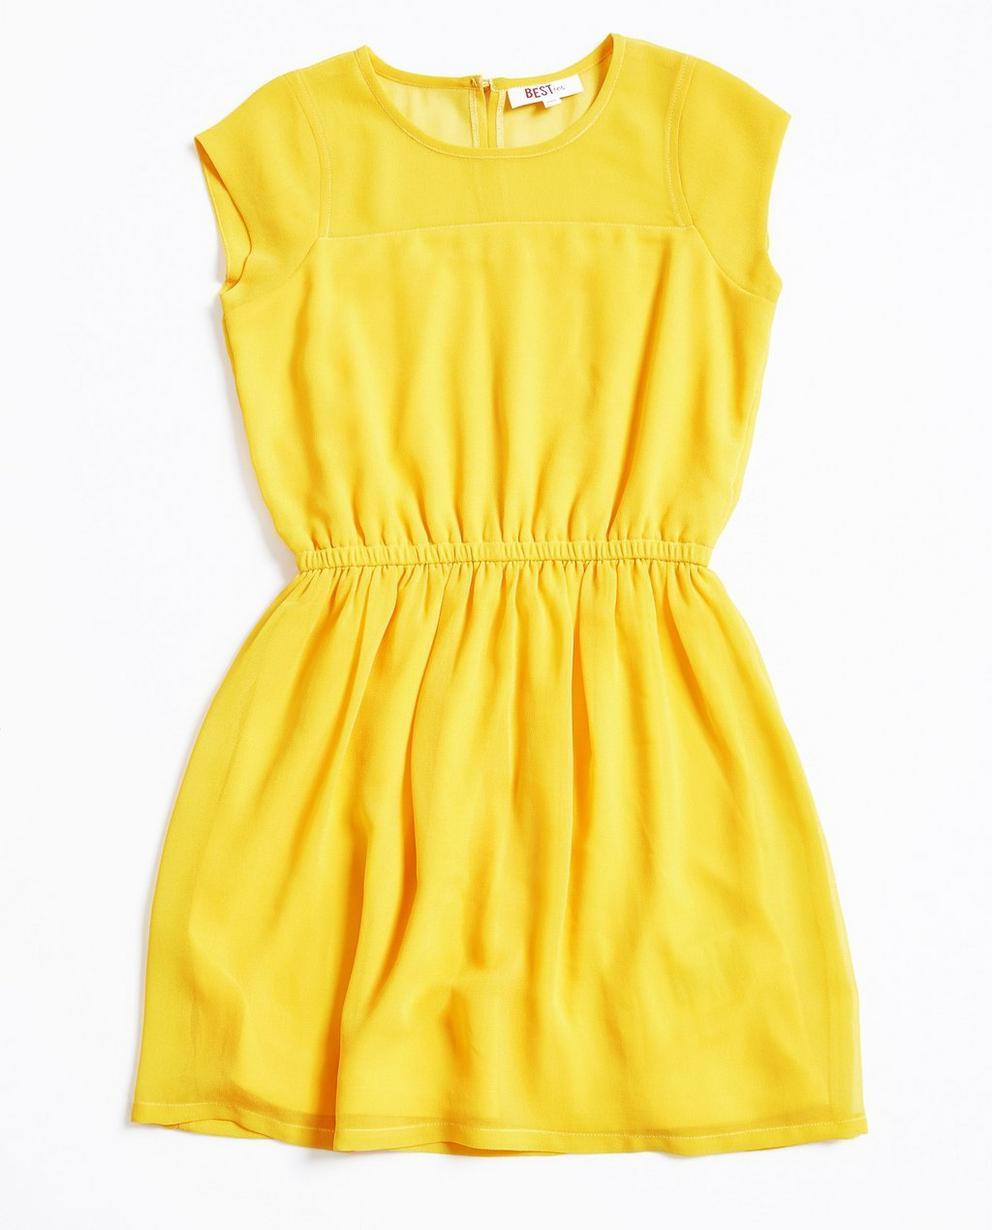 Petrolblauwe jurk BESTies FR - null - Best price